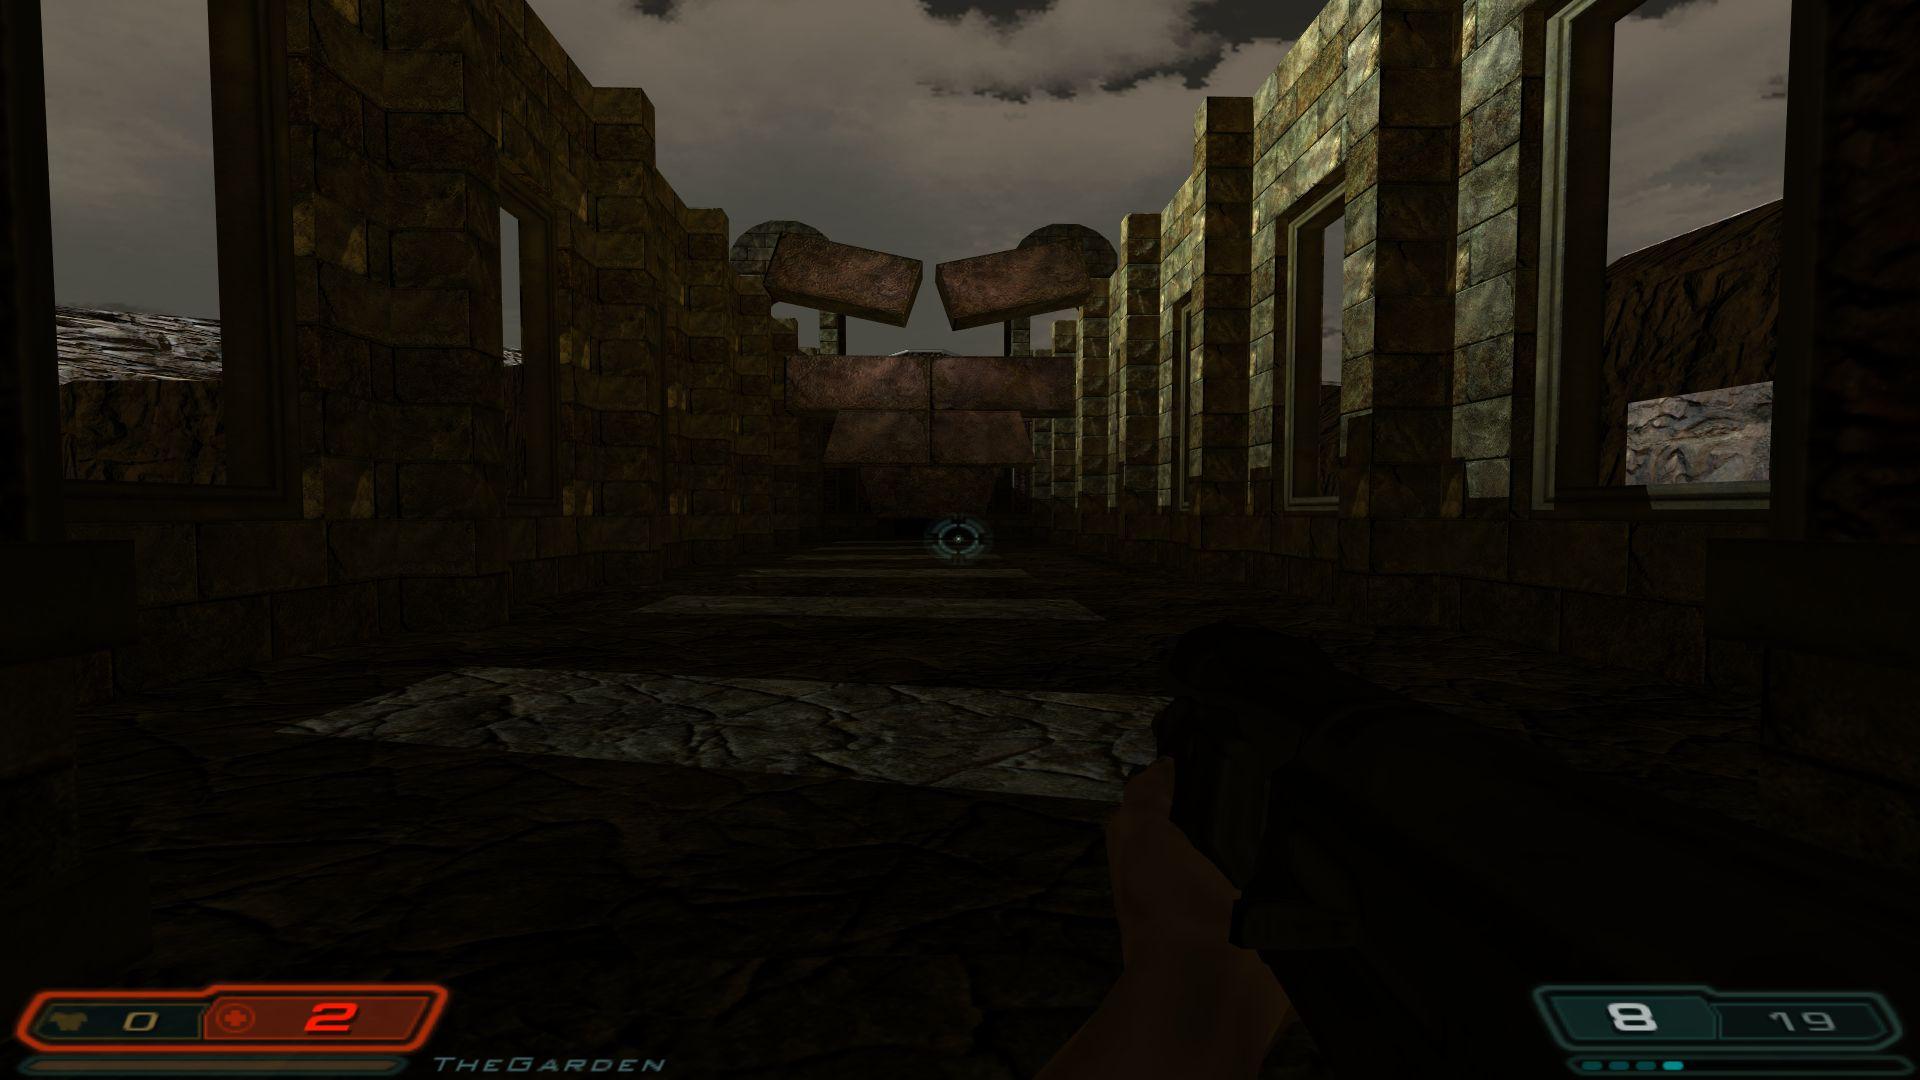 Doom Reborn Progress Shots - Earth Quake